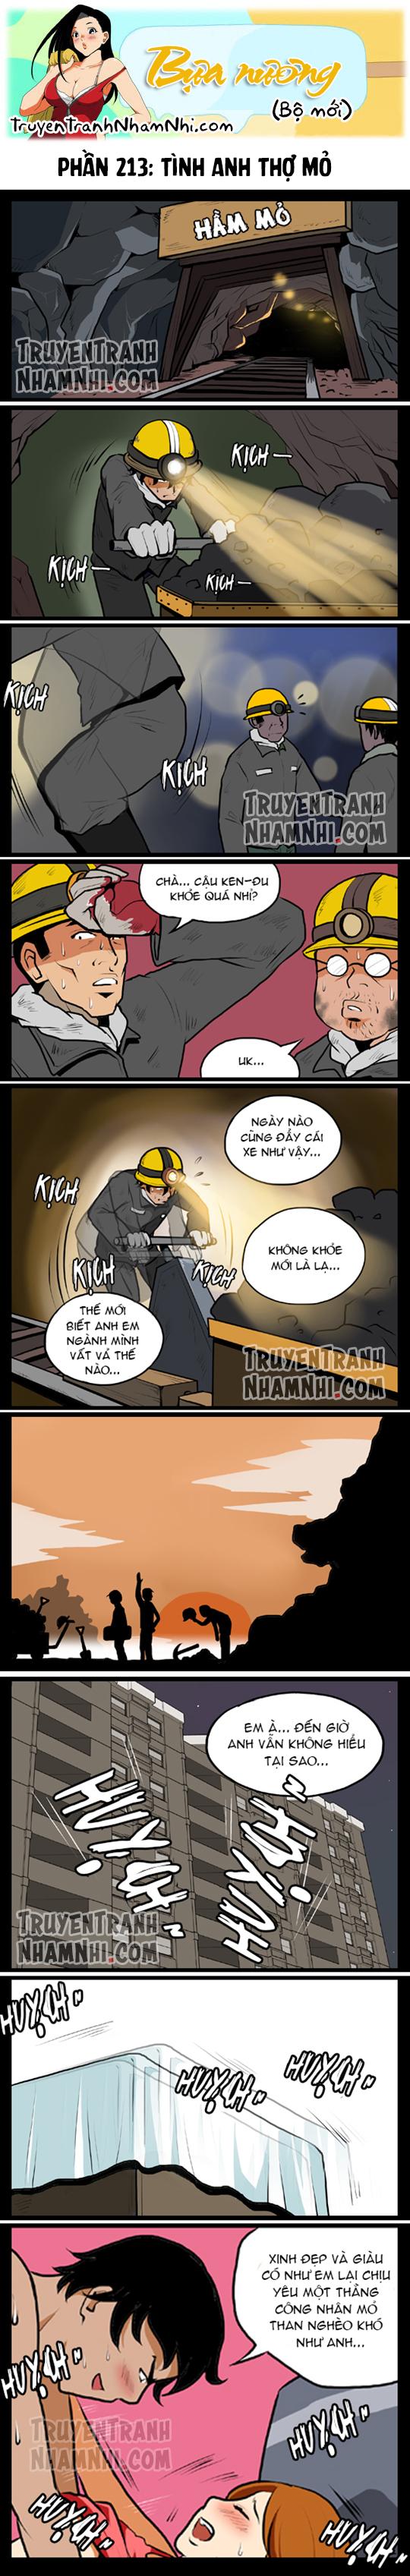 Bựa nương (bộ mới) phần 213: Tình anh thợ mỏ